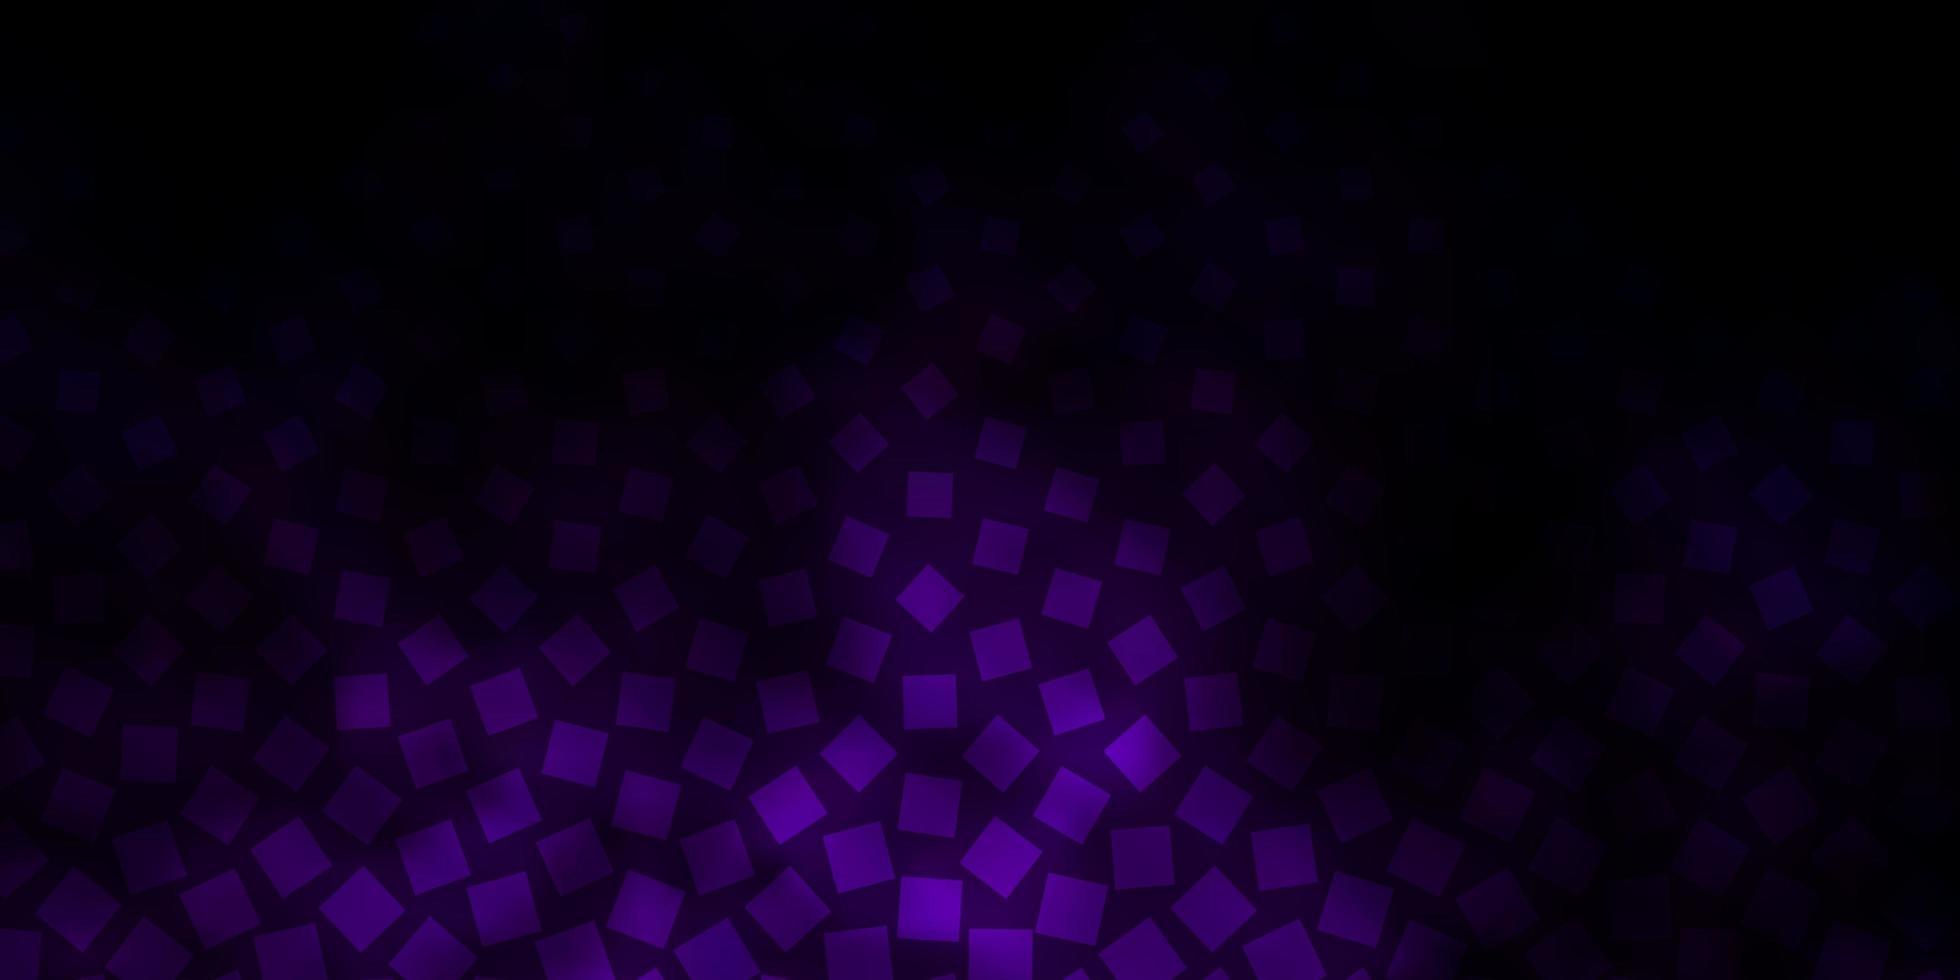 padrão de vetor roxo escuro em estilo quadrado.